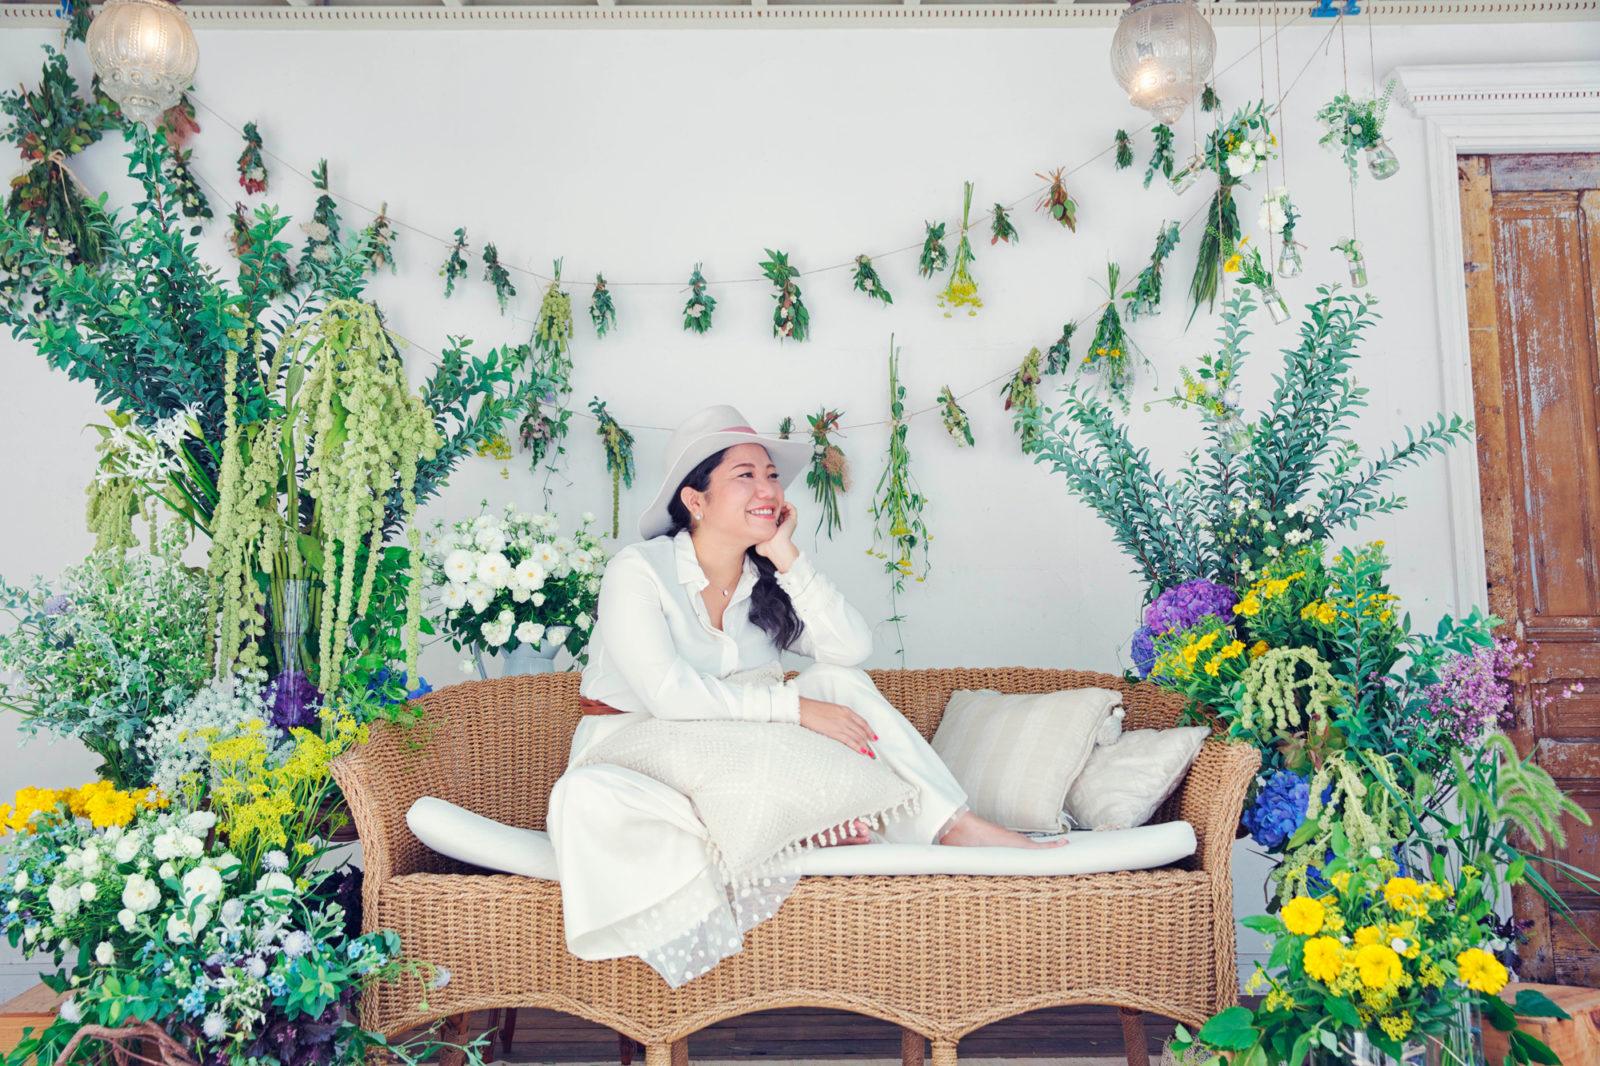 HY・仲宗根泉 Instagramから生まれた『1分間のラブソング』について語る【インタビュー】画像45606